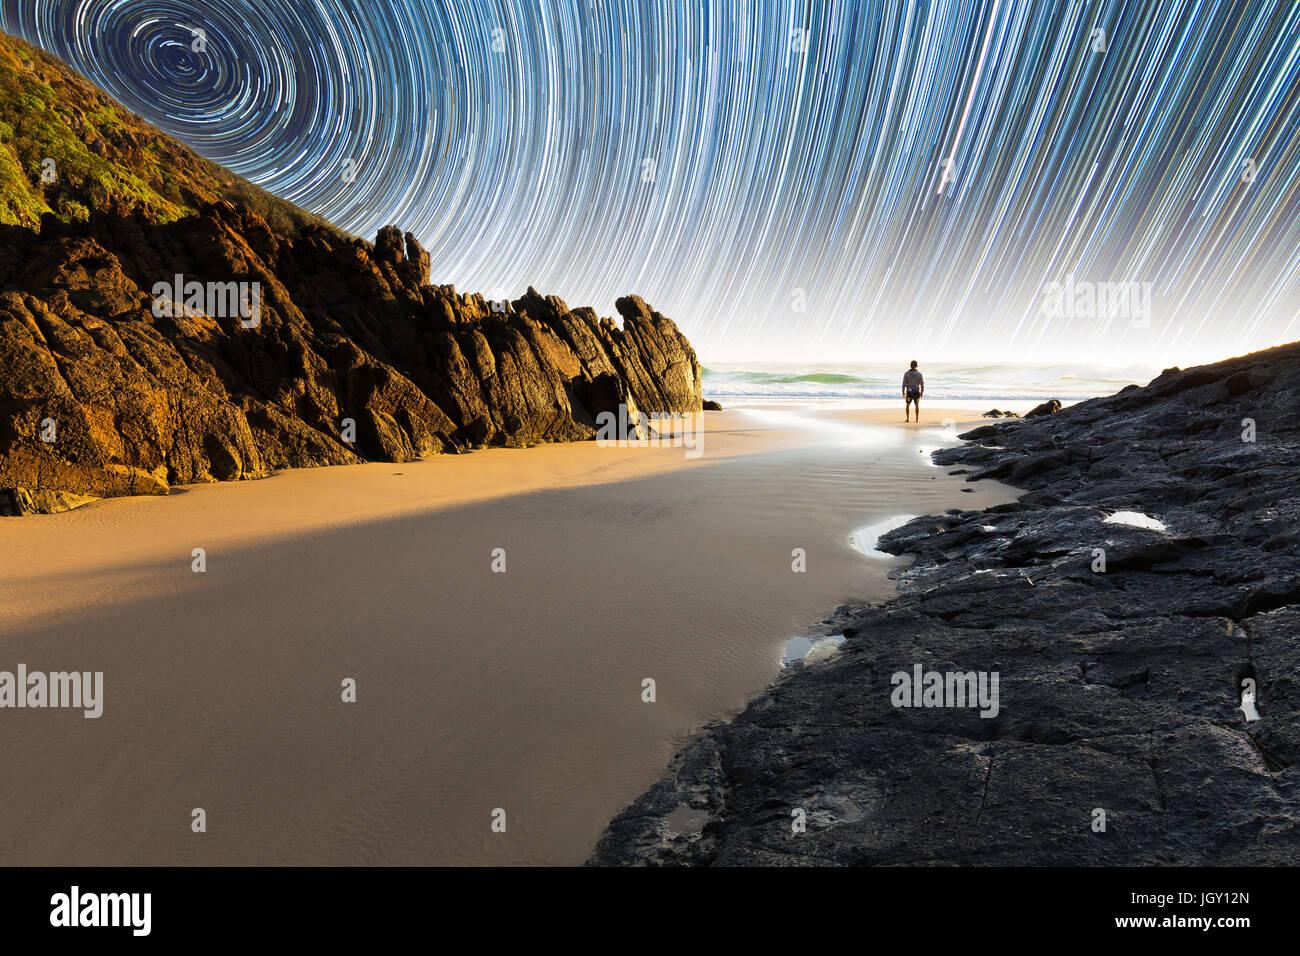 Un homme debout sur une belle plage isolée, en Australie sous un fascinant star trail Photo Stock